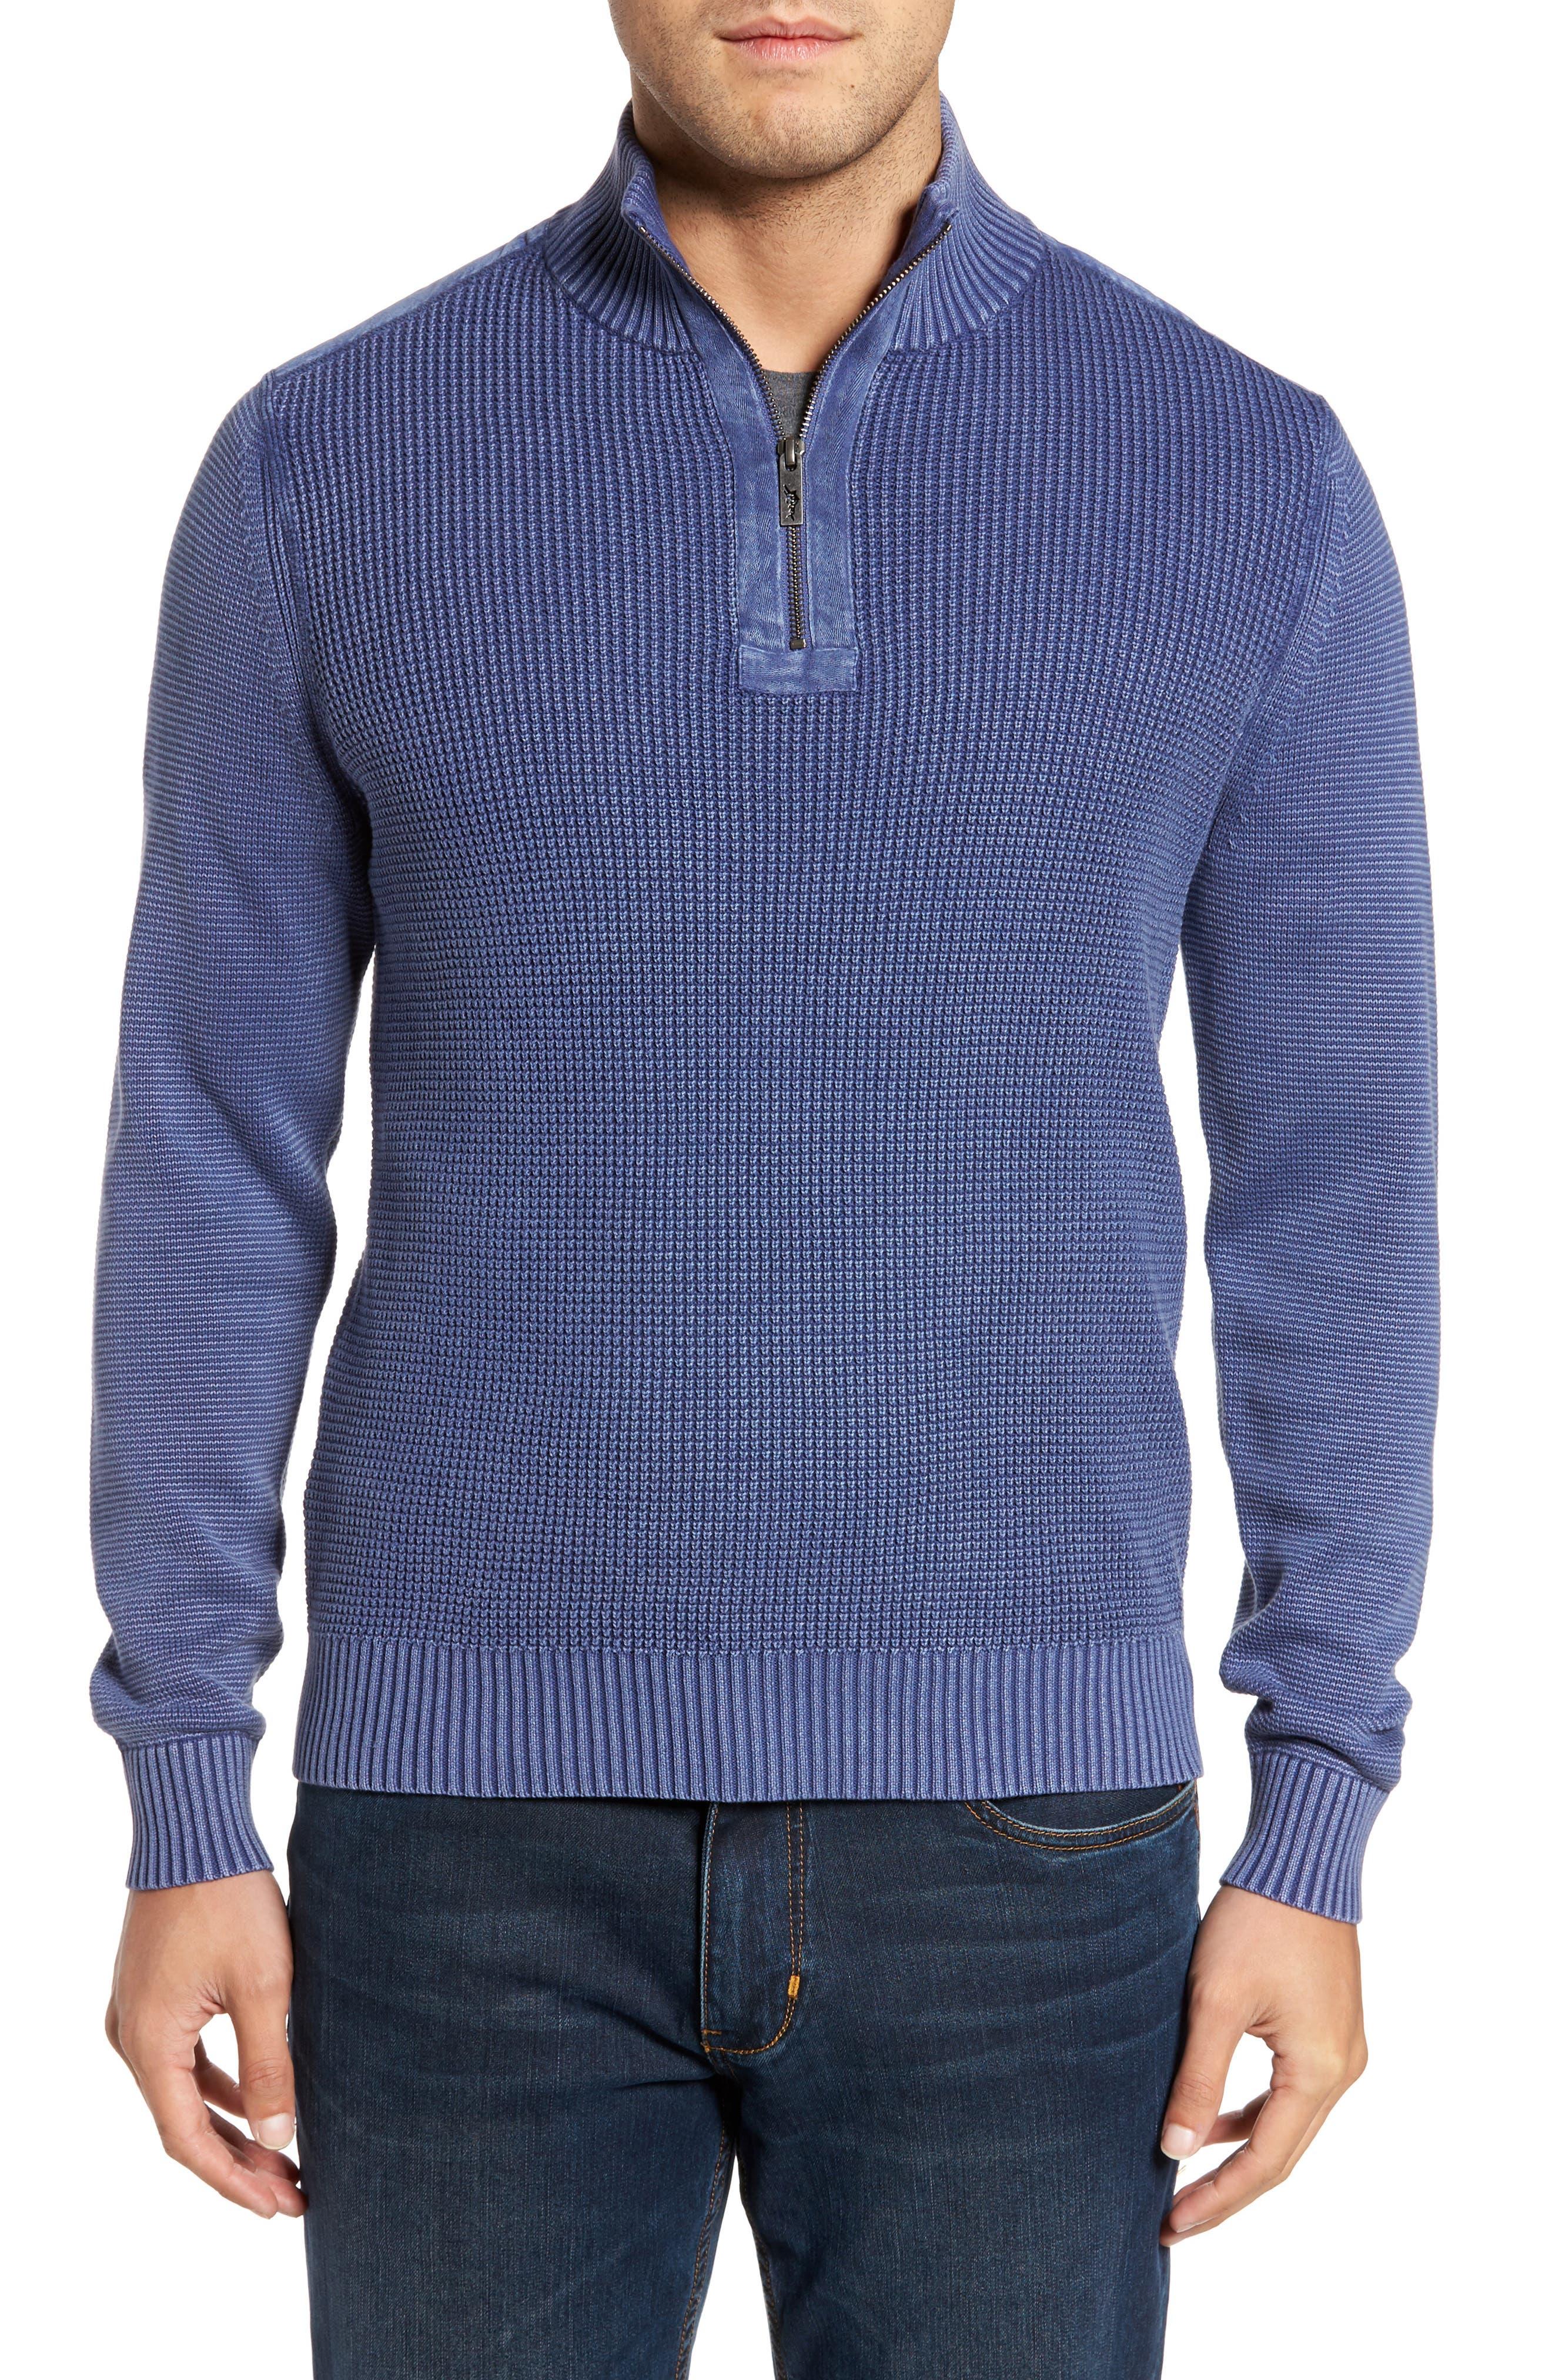 Coastal Shores Quarter Zip Sweater,                             Main thumbnail 1, color,                             Downpour